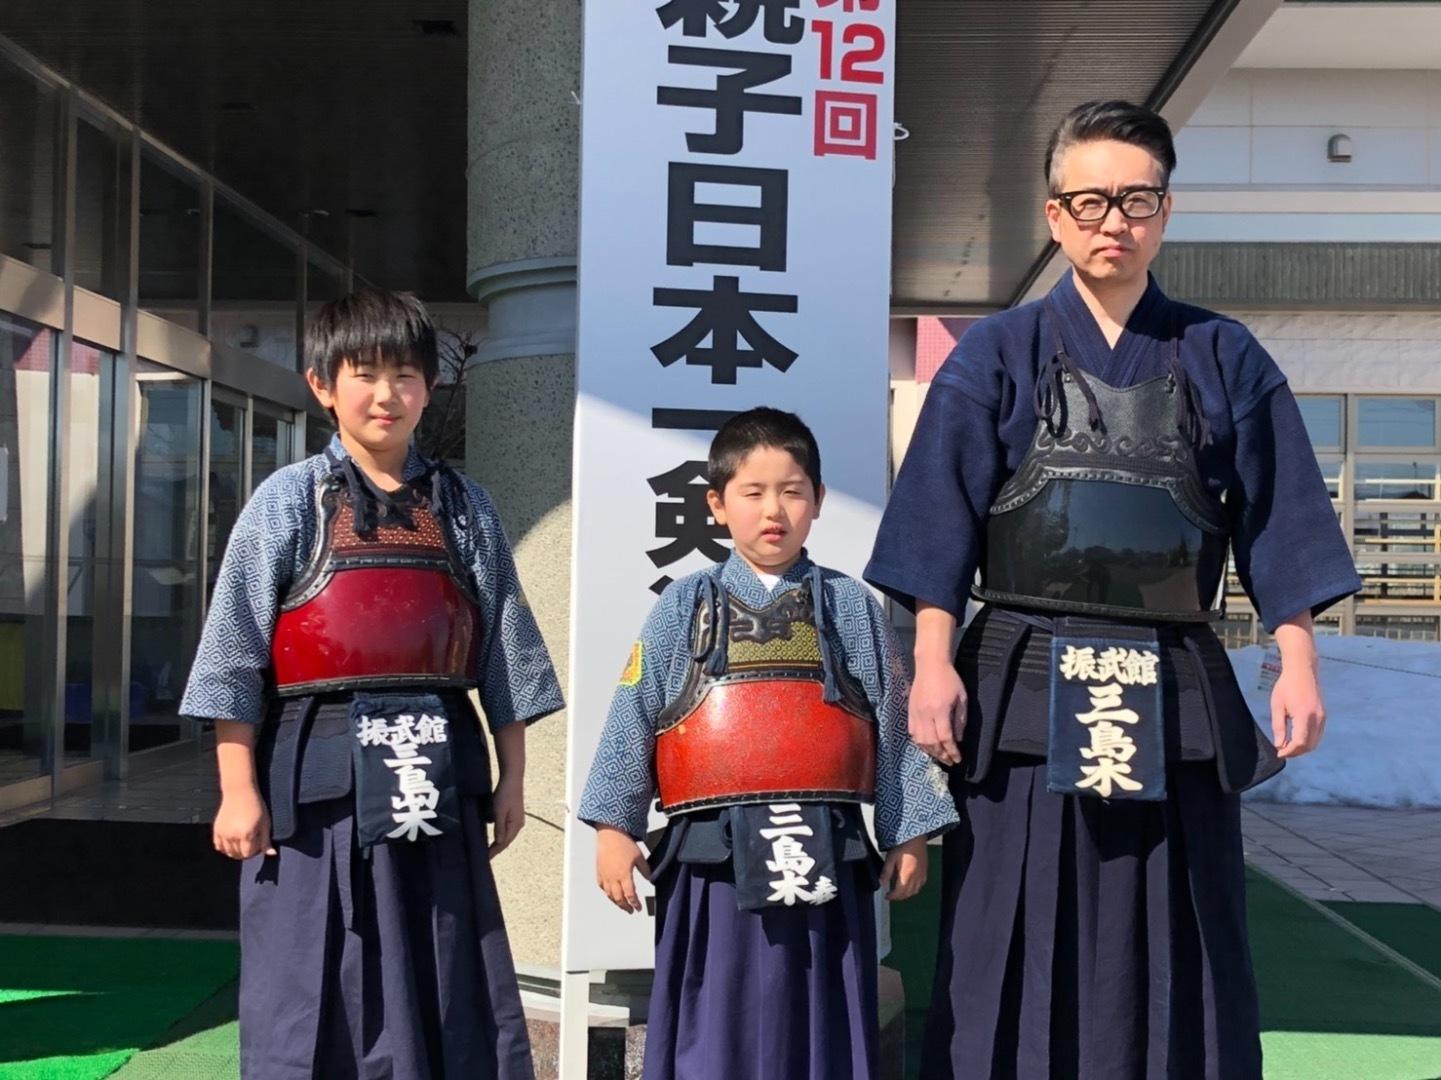 親子剣道大会